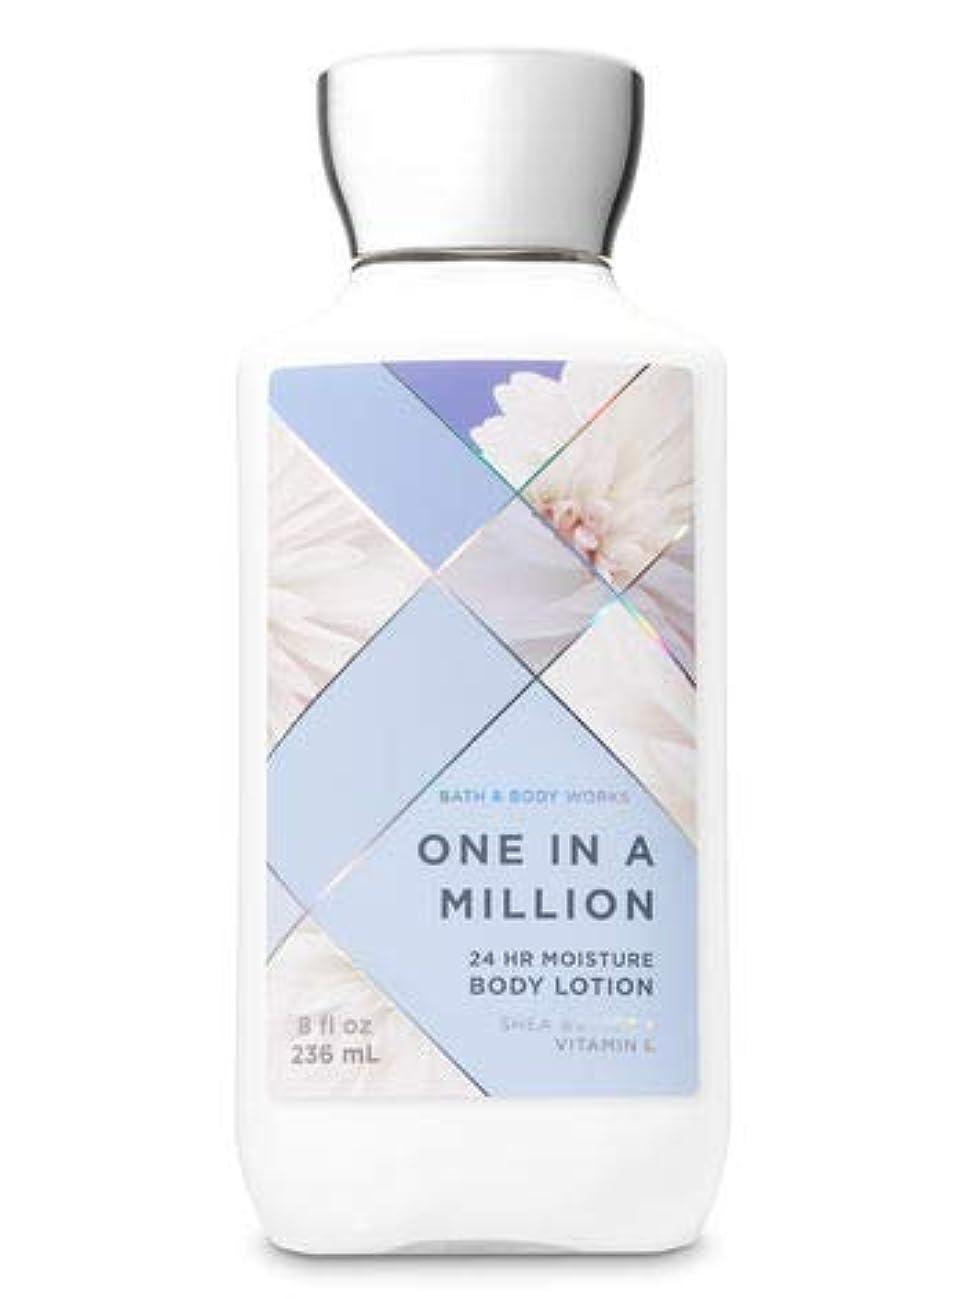 紳士気取りの、きざな干渉メンバー【Bath&Body Works/バス&ボディワークス】 ボディローション ワンインアミリオン Super Smooth Body Lotion One in a Million 8 fl oz / 236 mL [並行輸入品]